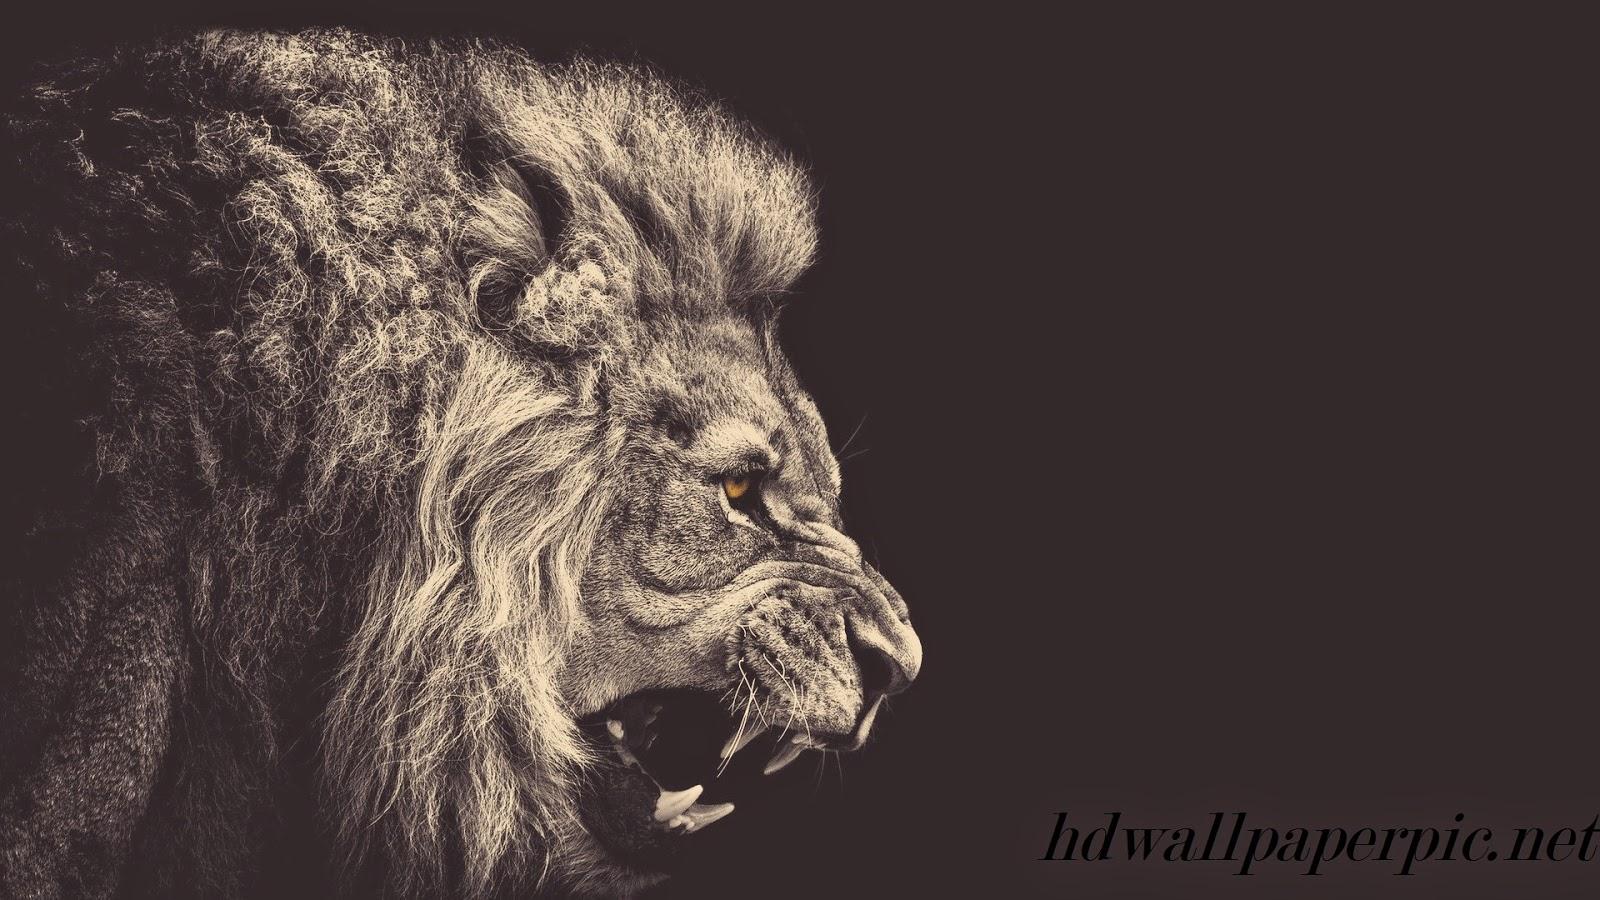 Beautiful Roar Wallpaper